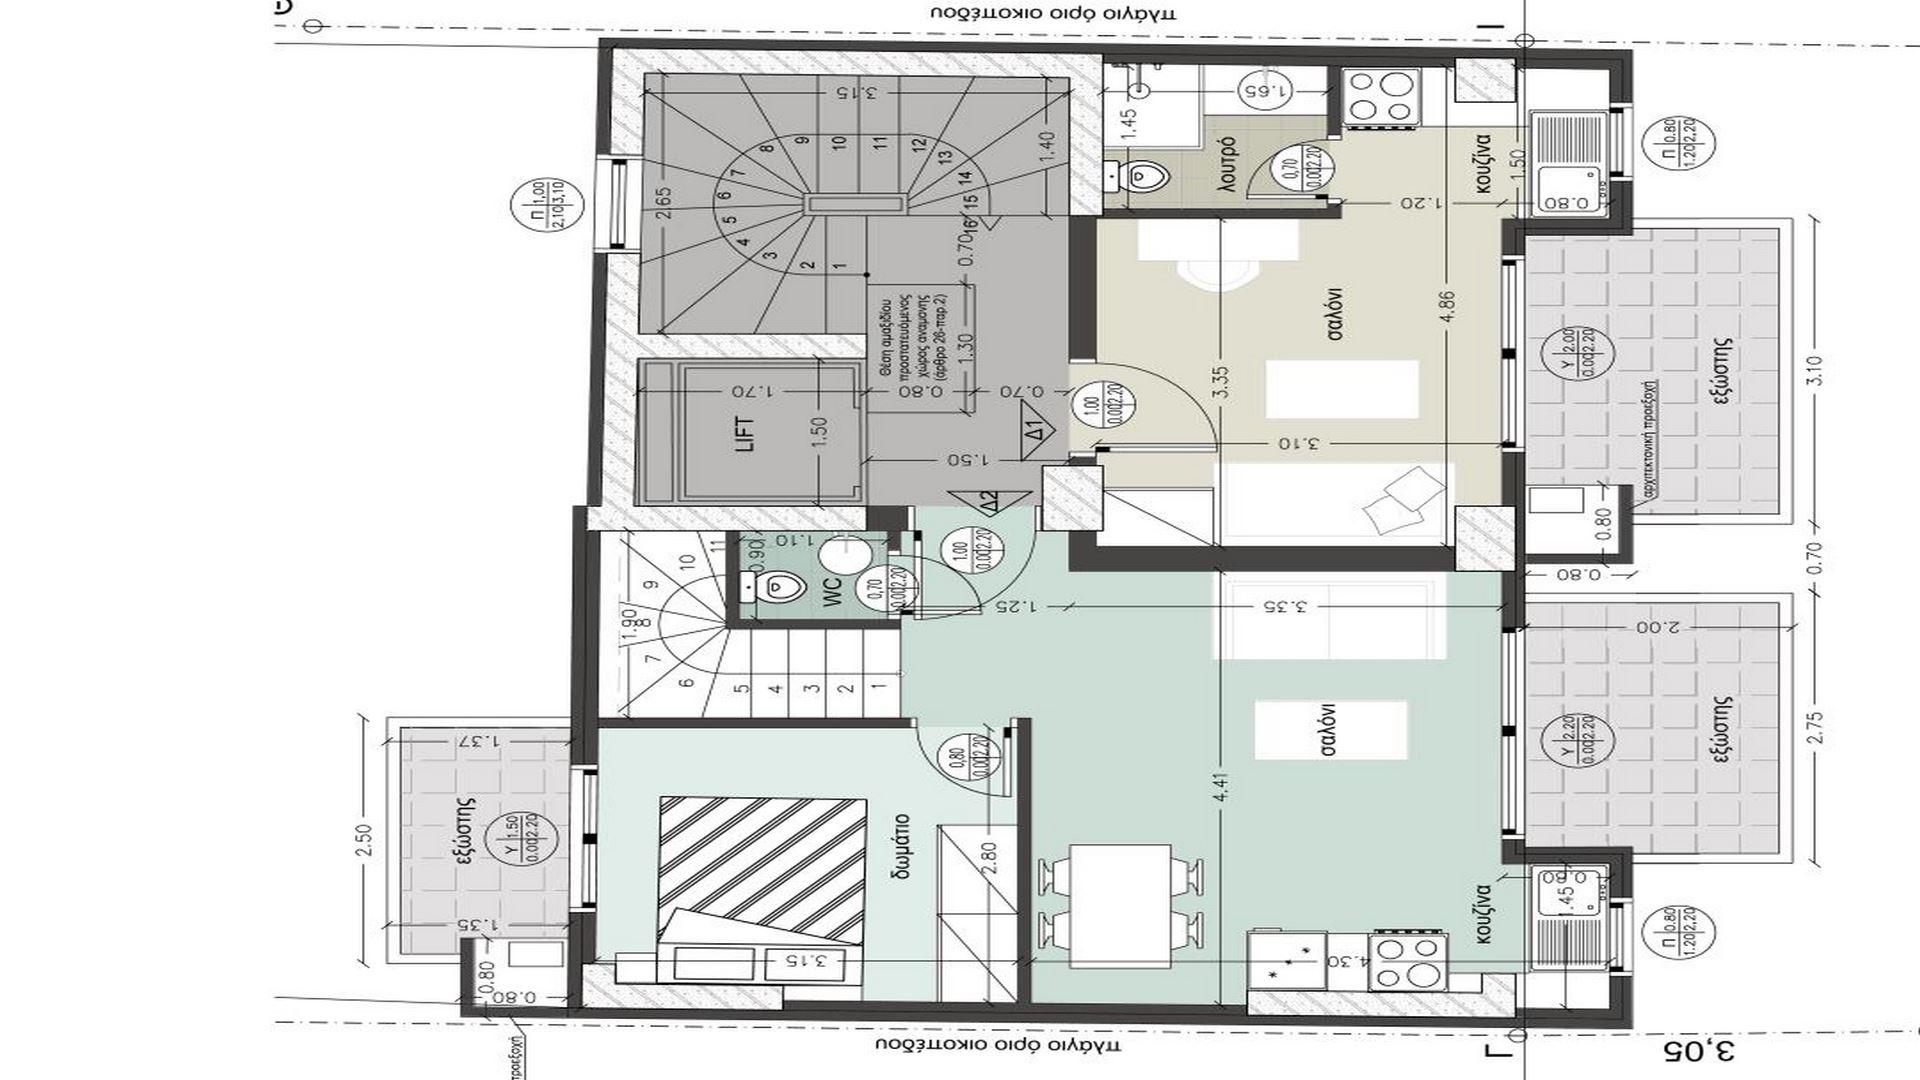 4th floor (Αντιγραφή)